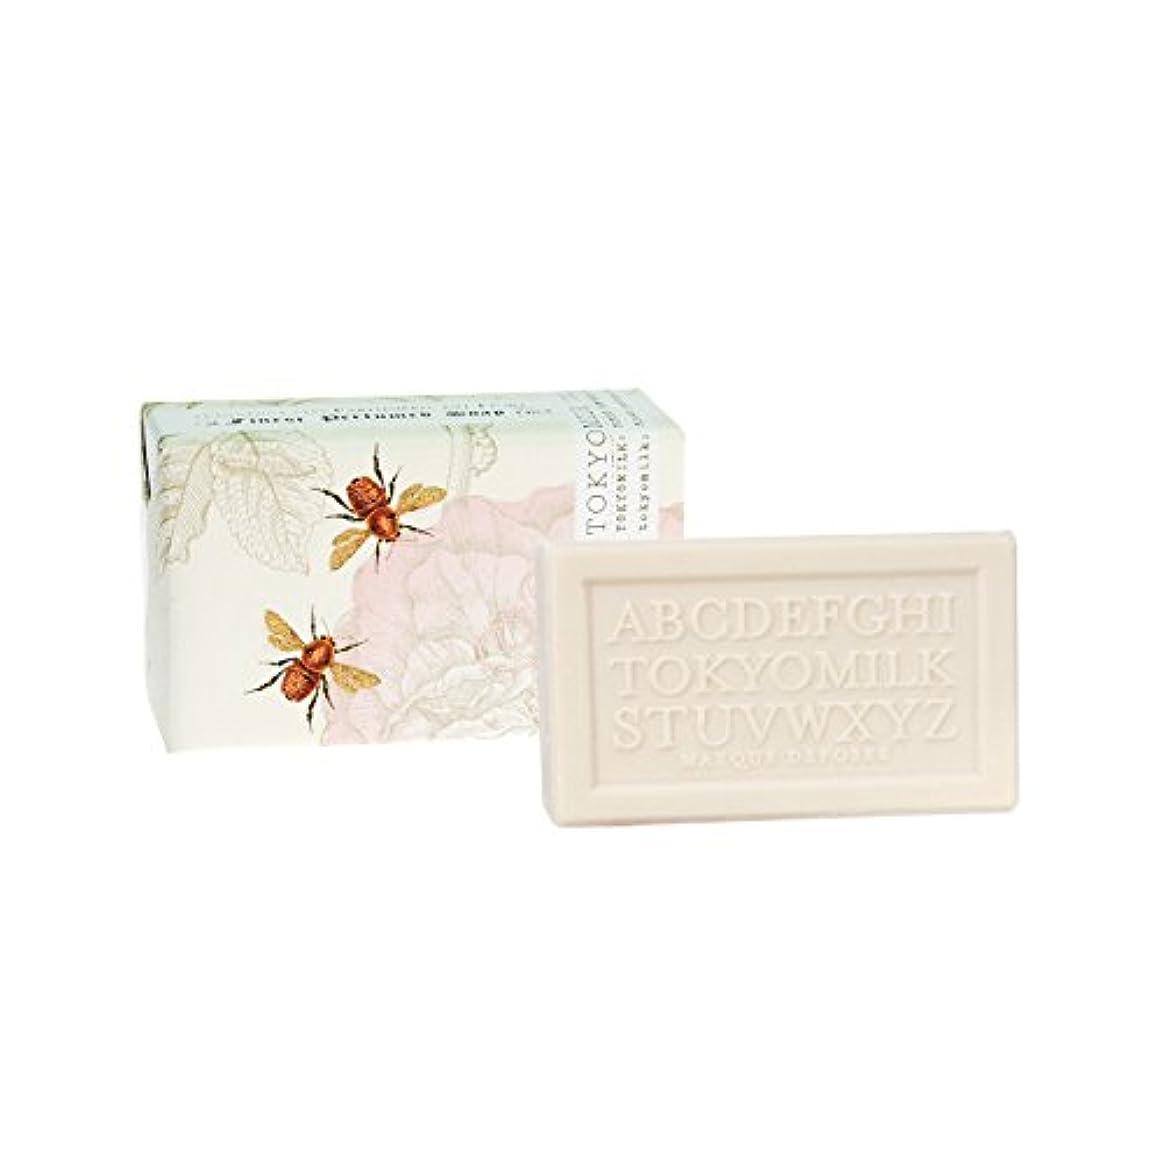 キャンディー致命的葉っぱトウキョウミルク(TOKYOMILK) ソープ ビー No.82 229g(全身用洗浄料 石けん)